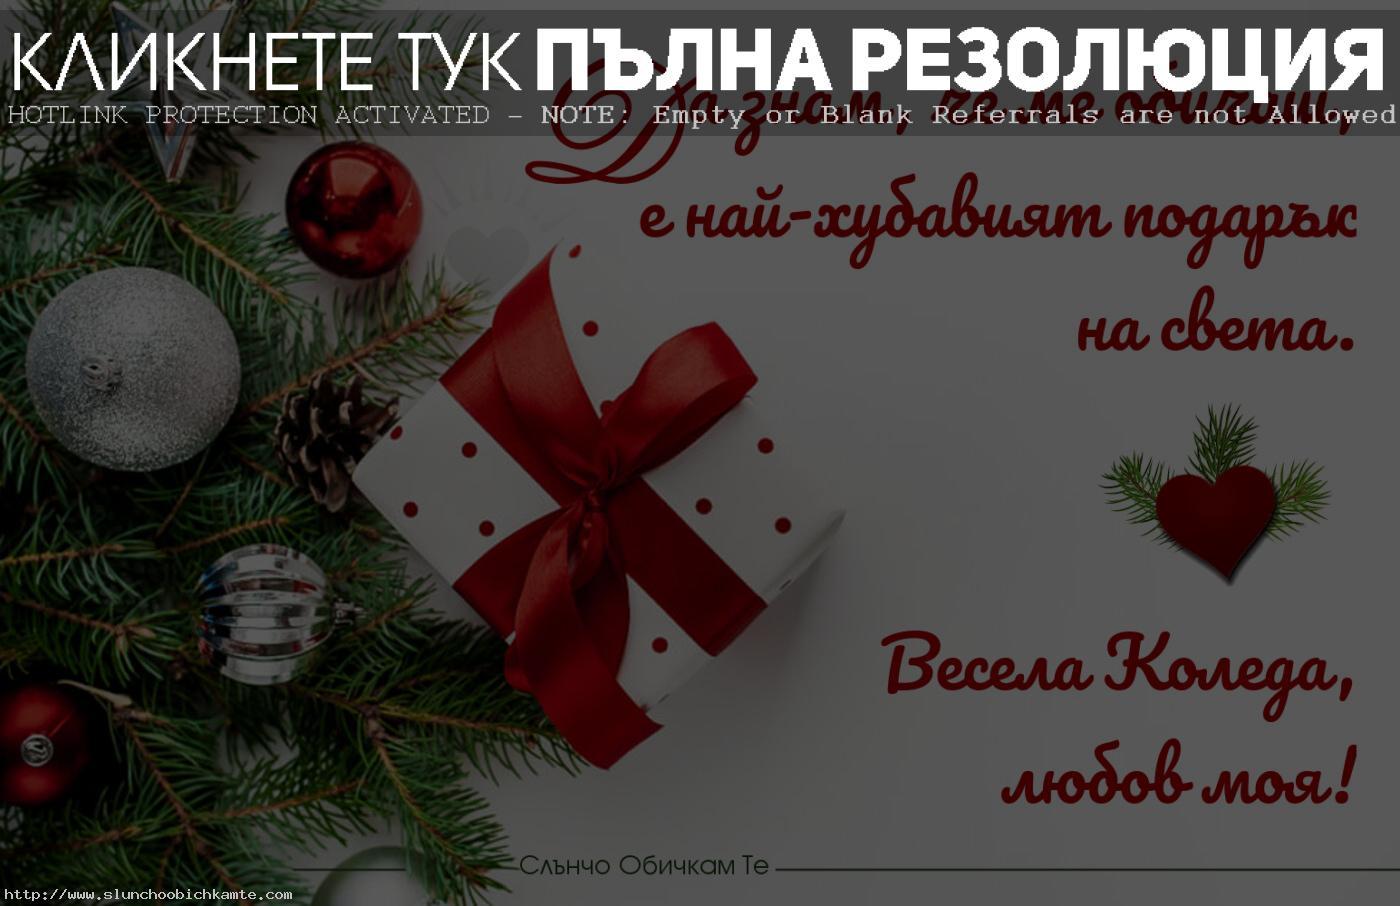 Весела Коледа, любов моя, обичам те - Картички за коледа за любим човек, Обичам Те, пожелания за коледа 2020